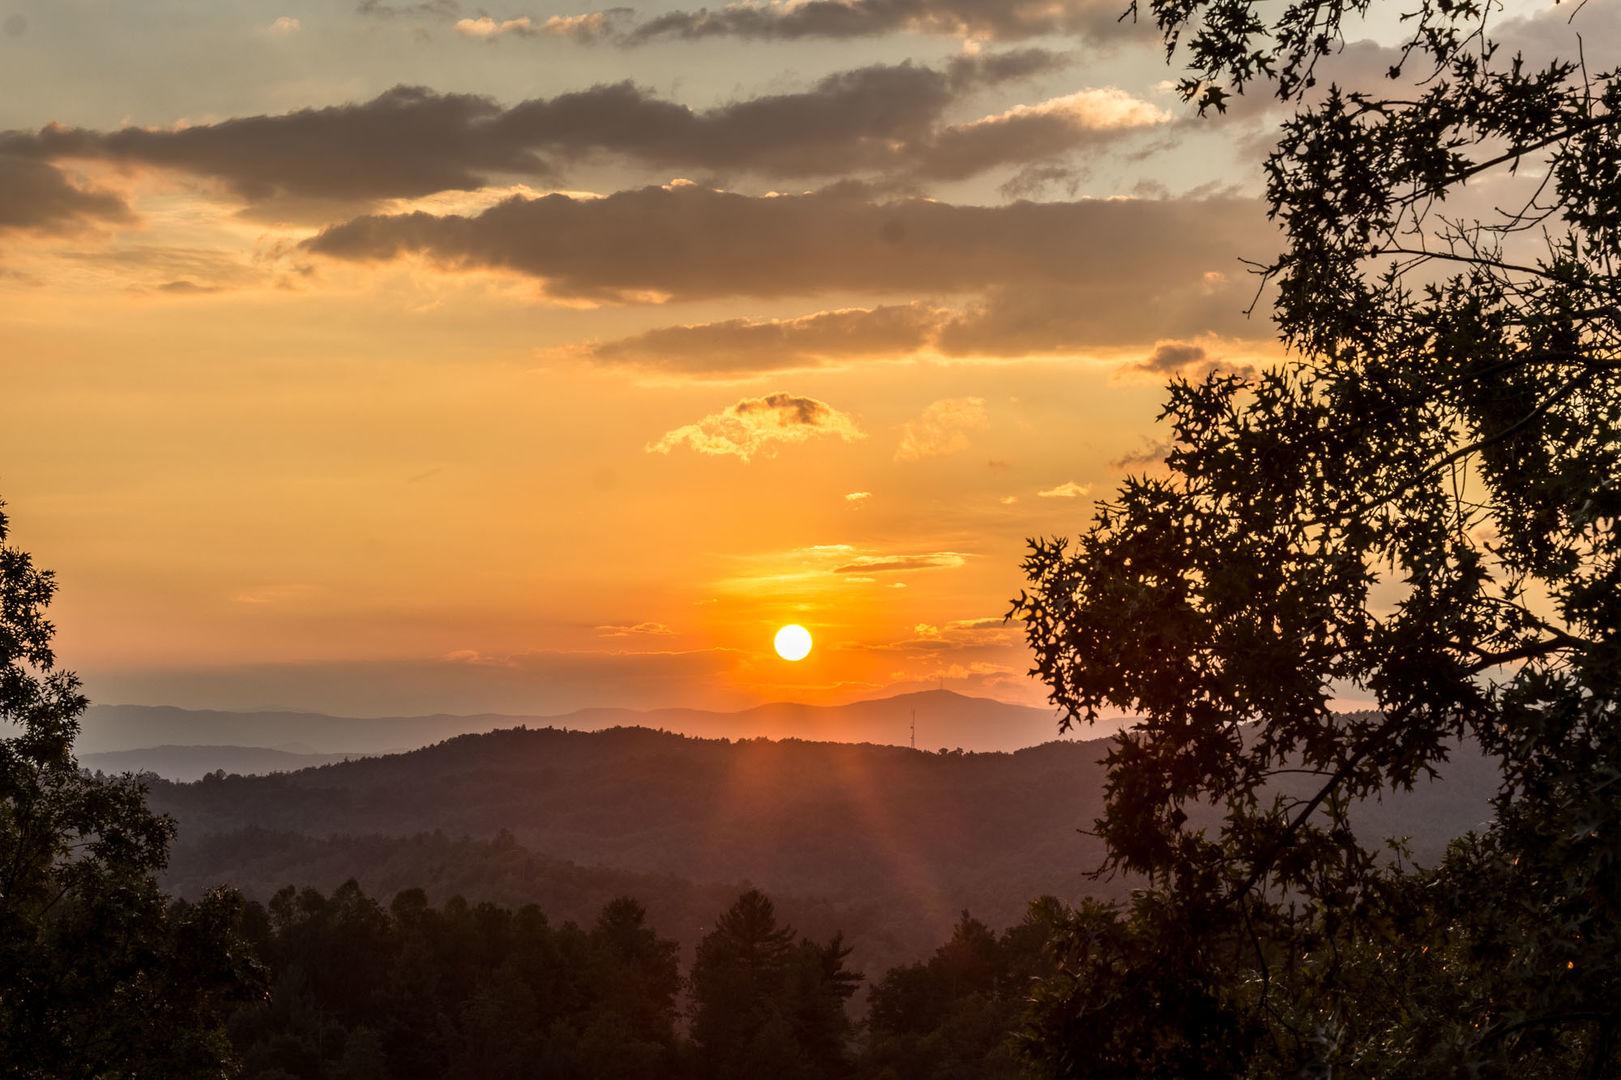 Beautiful mountain sunset!